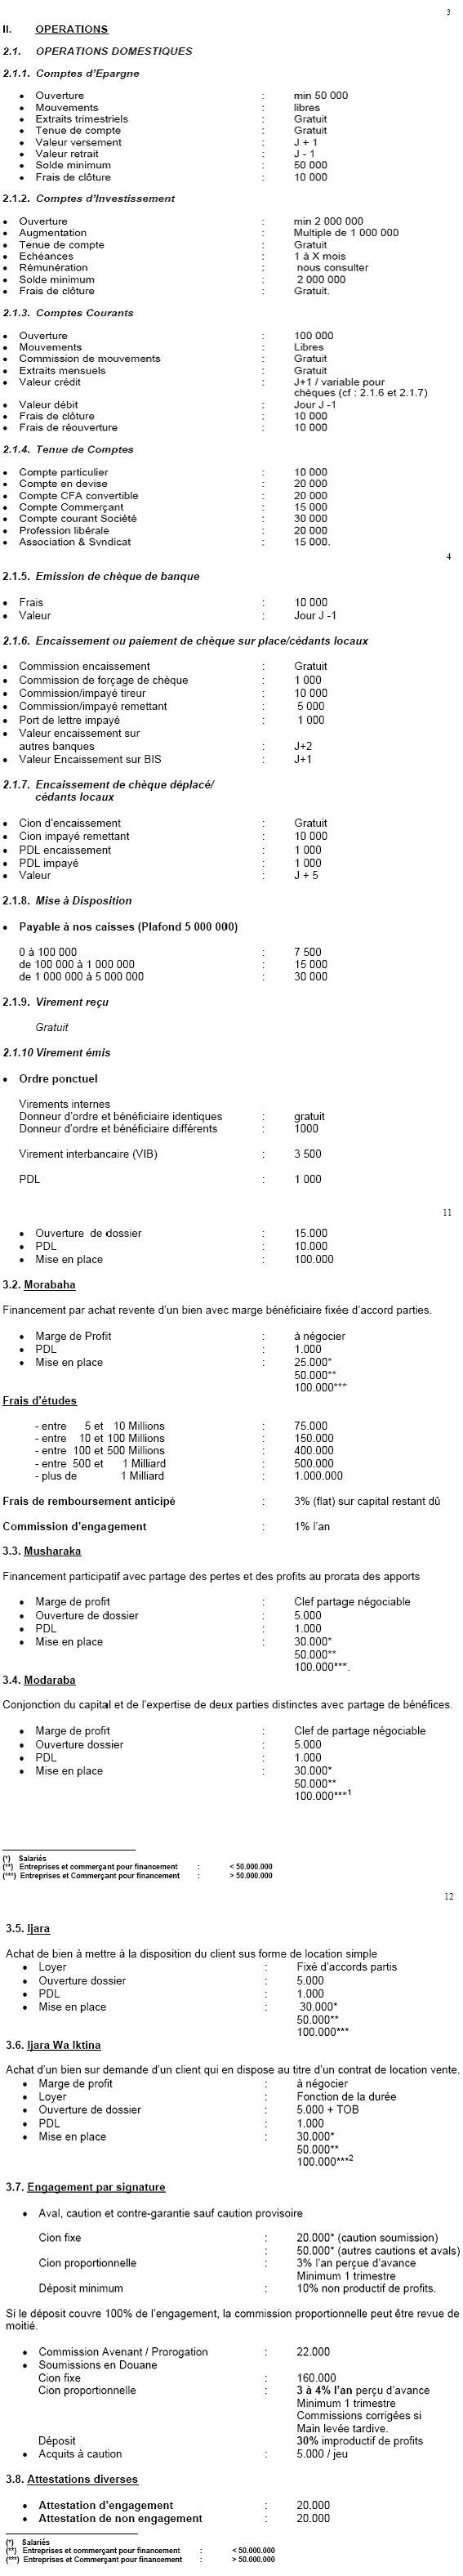 Les conditions bancaires 2006